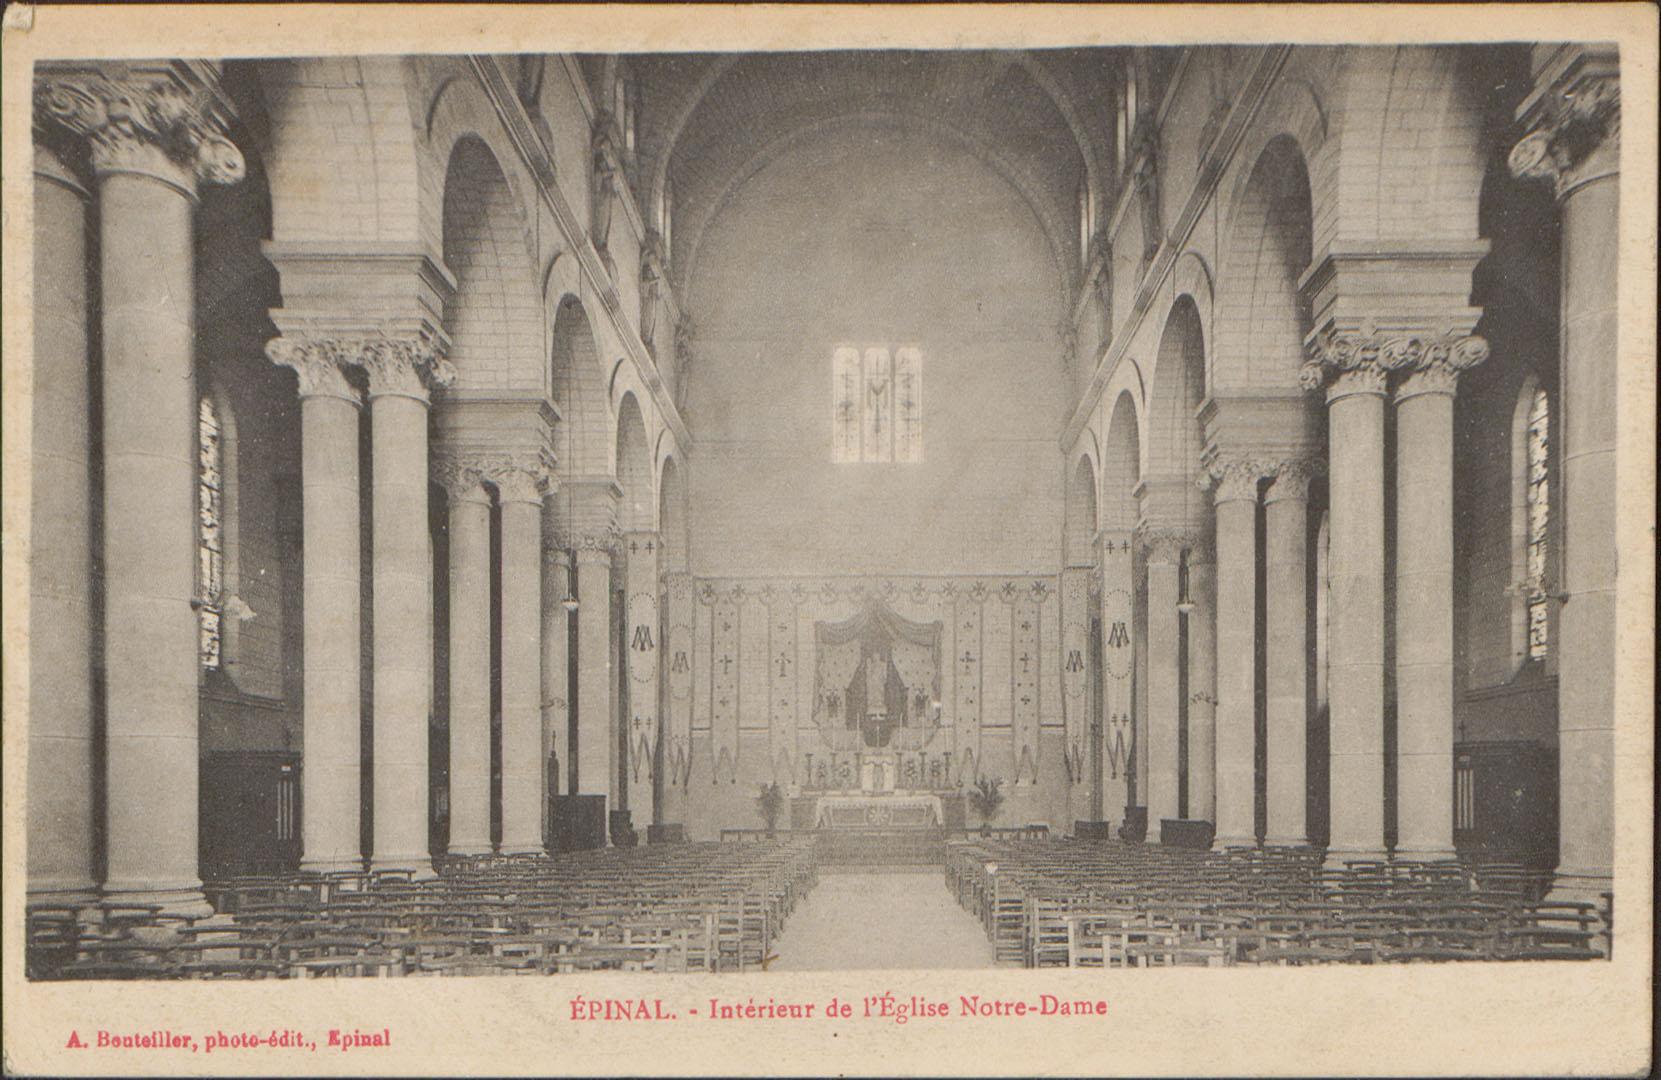 Contenu du Épinal, Intérieur de l'Église Notre-Dame